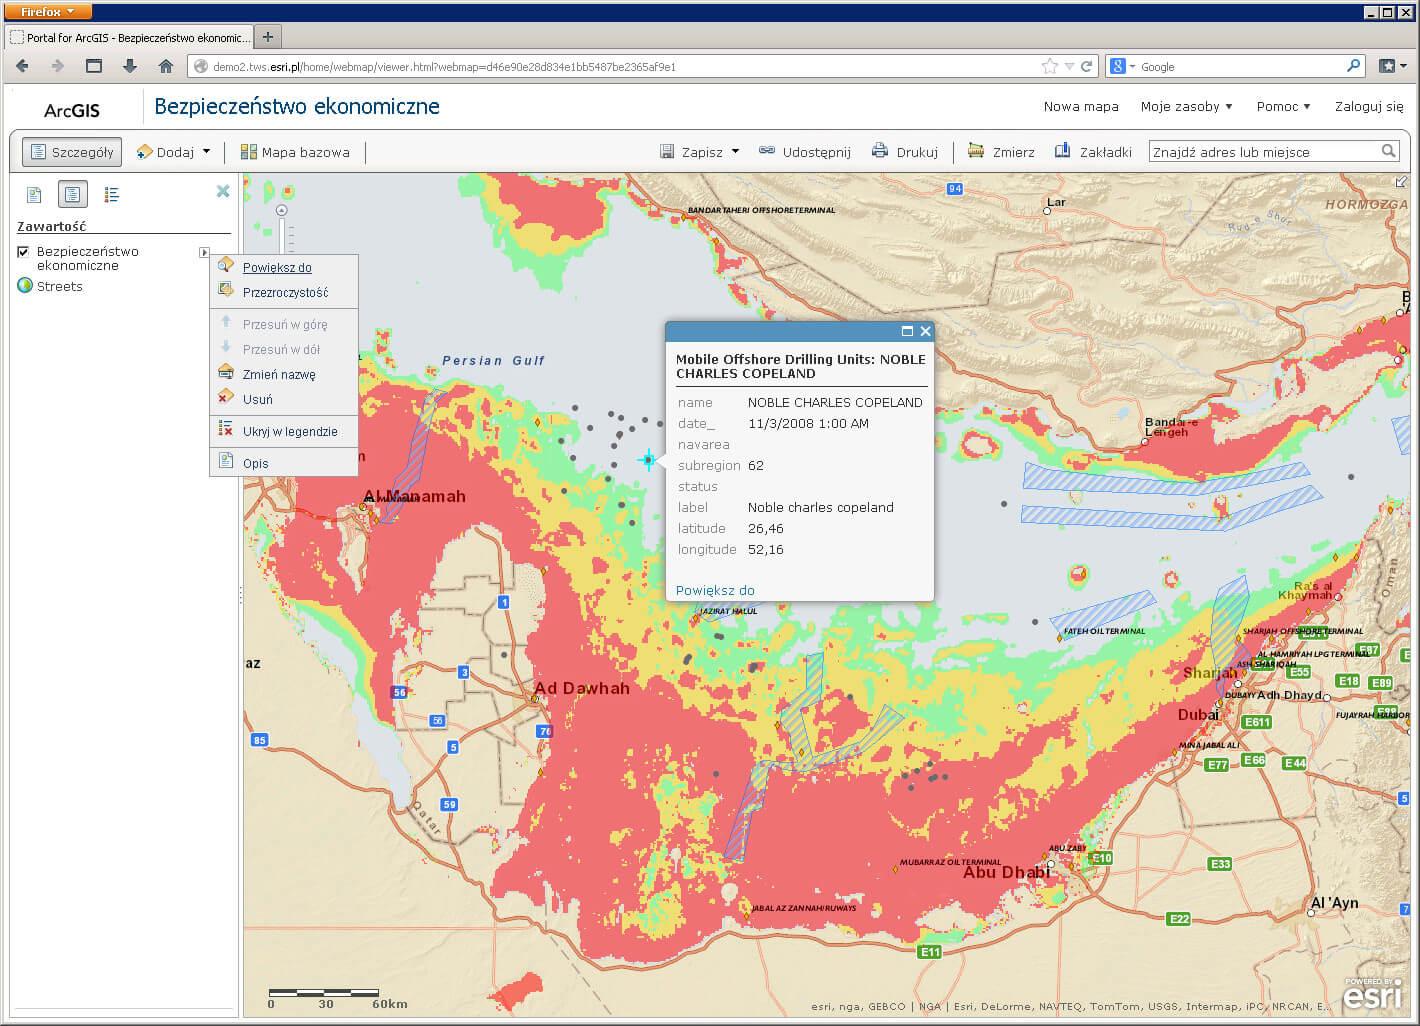 Rys. 2. Przykładowa mapa należąca do zasobów Portal for ArcGIS.